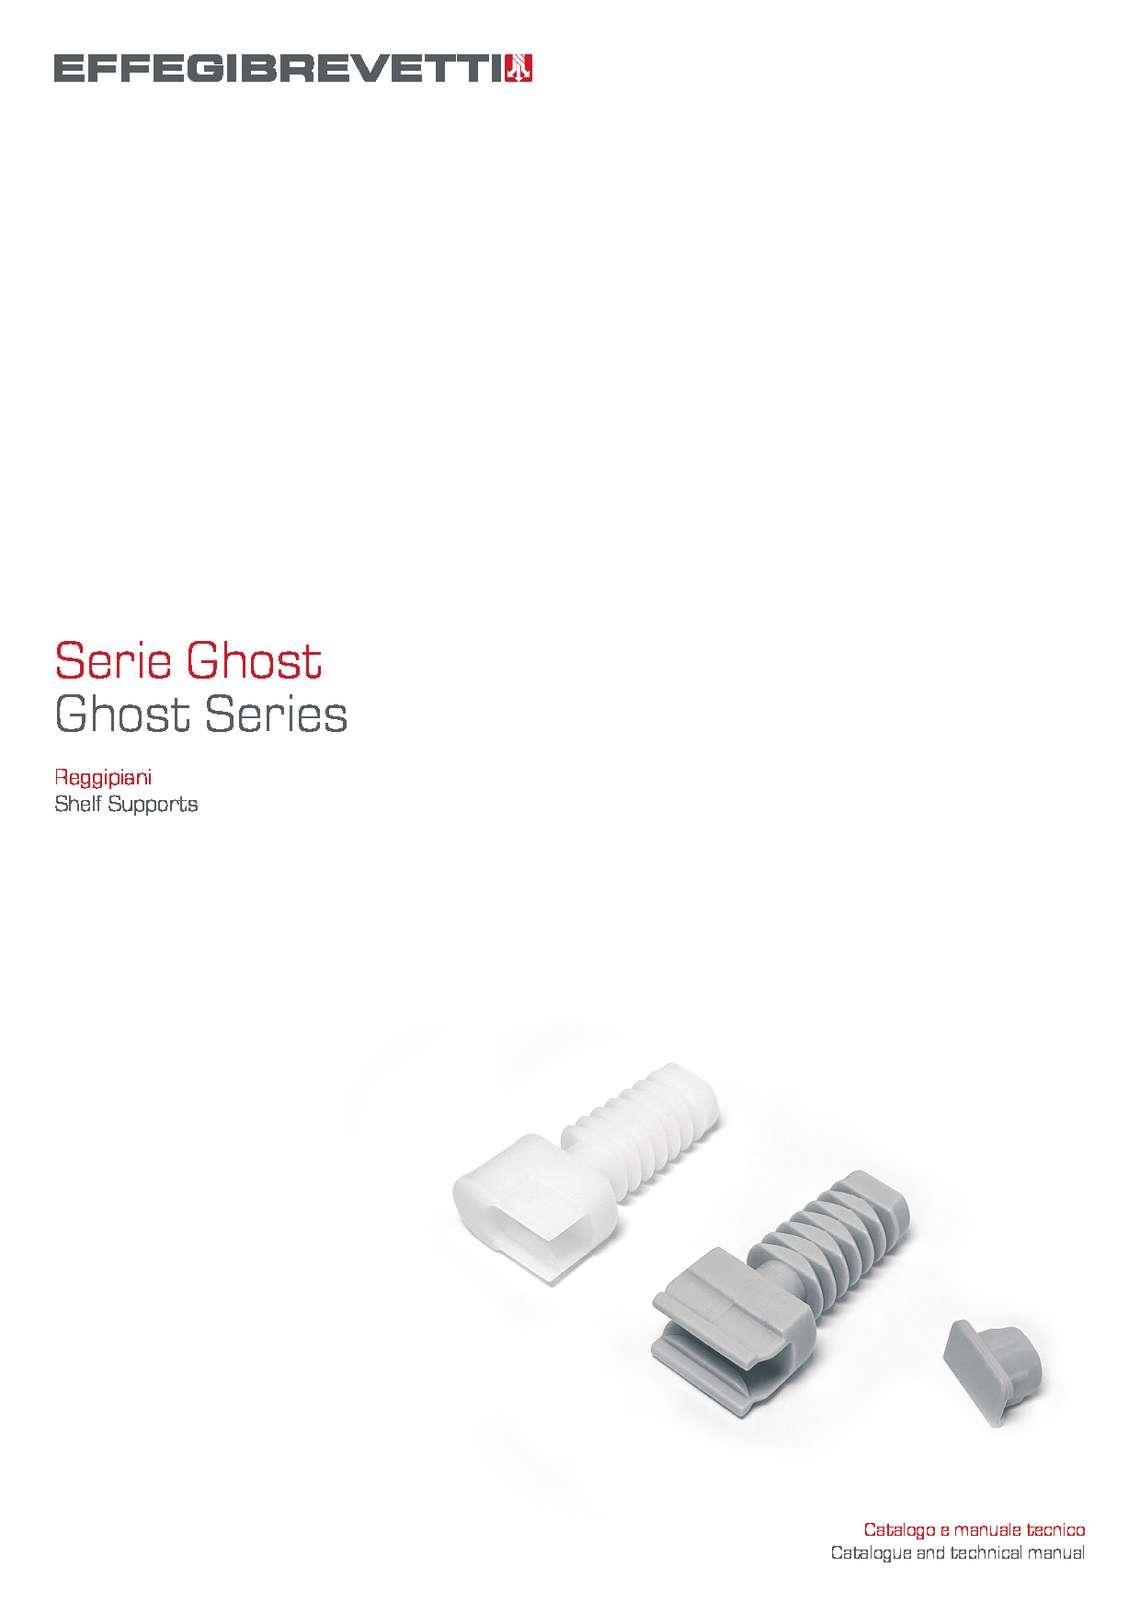 Serie Ghost - Reggipiani